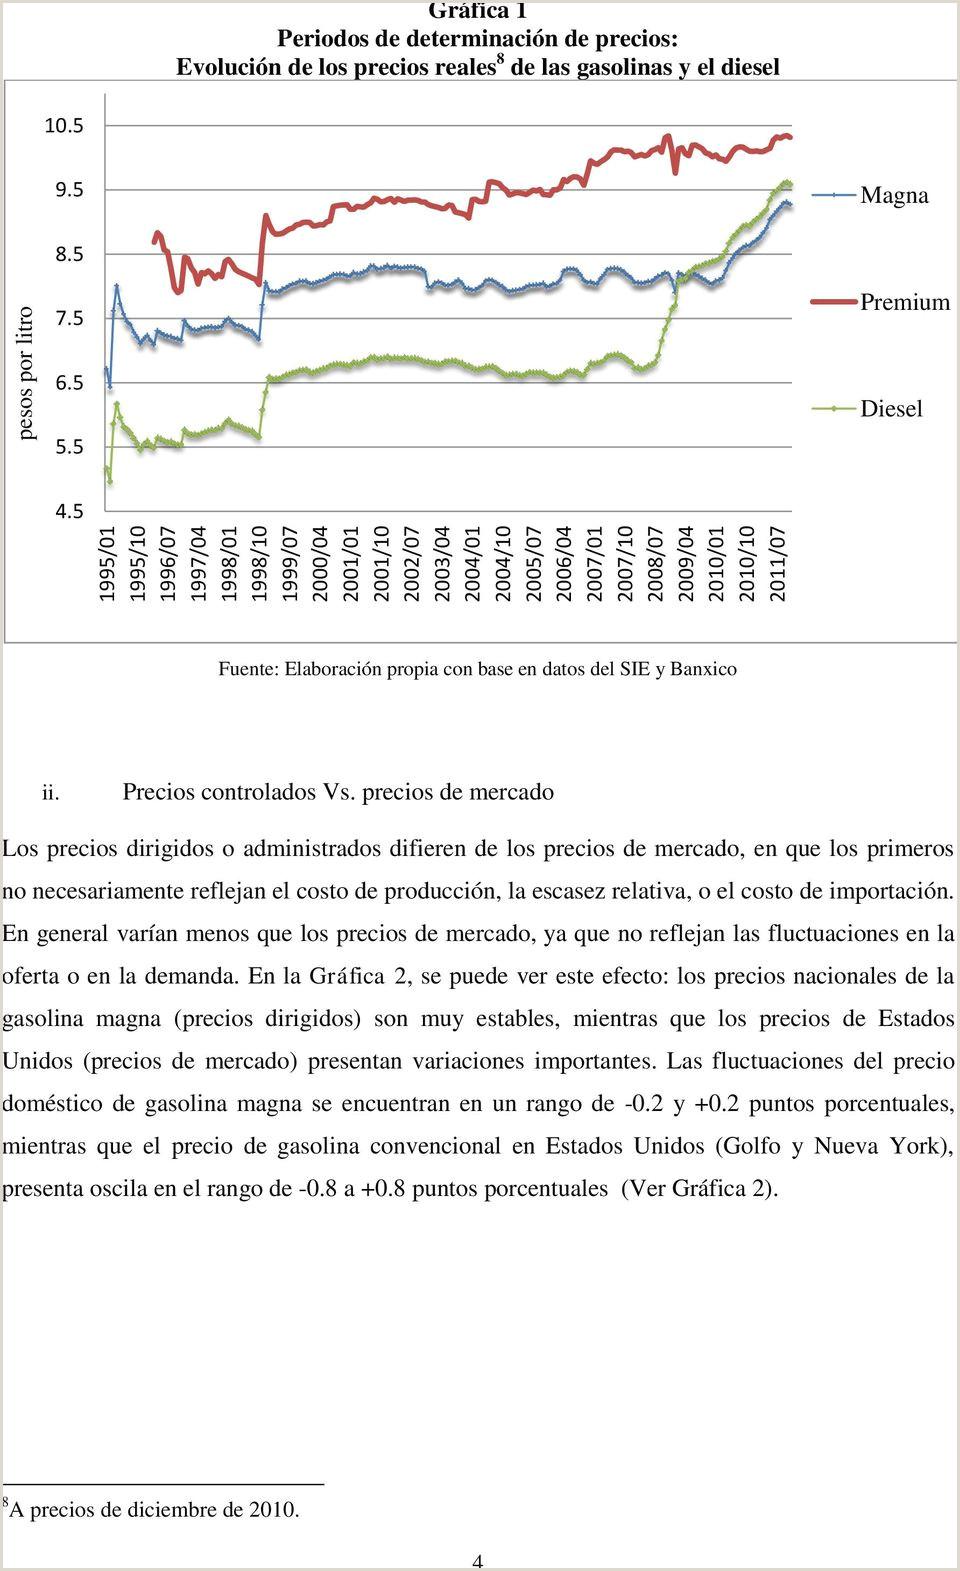 Formato De Hoja De Vida único De Bancolombia Subsidios A Las Gasolinas Y El Sel En México Efectos